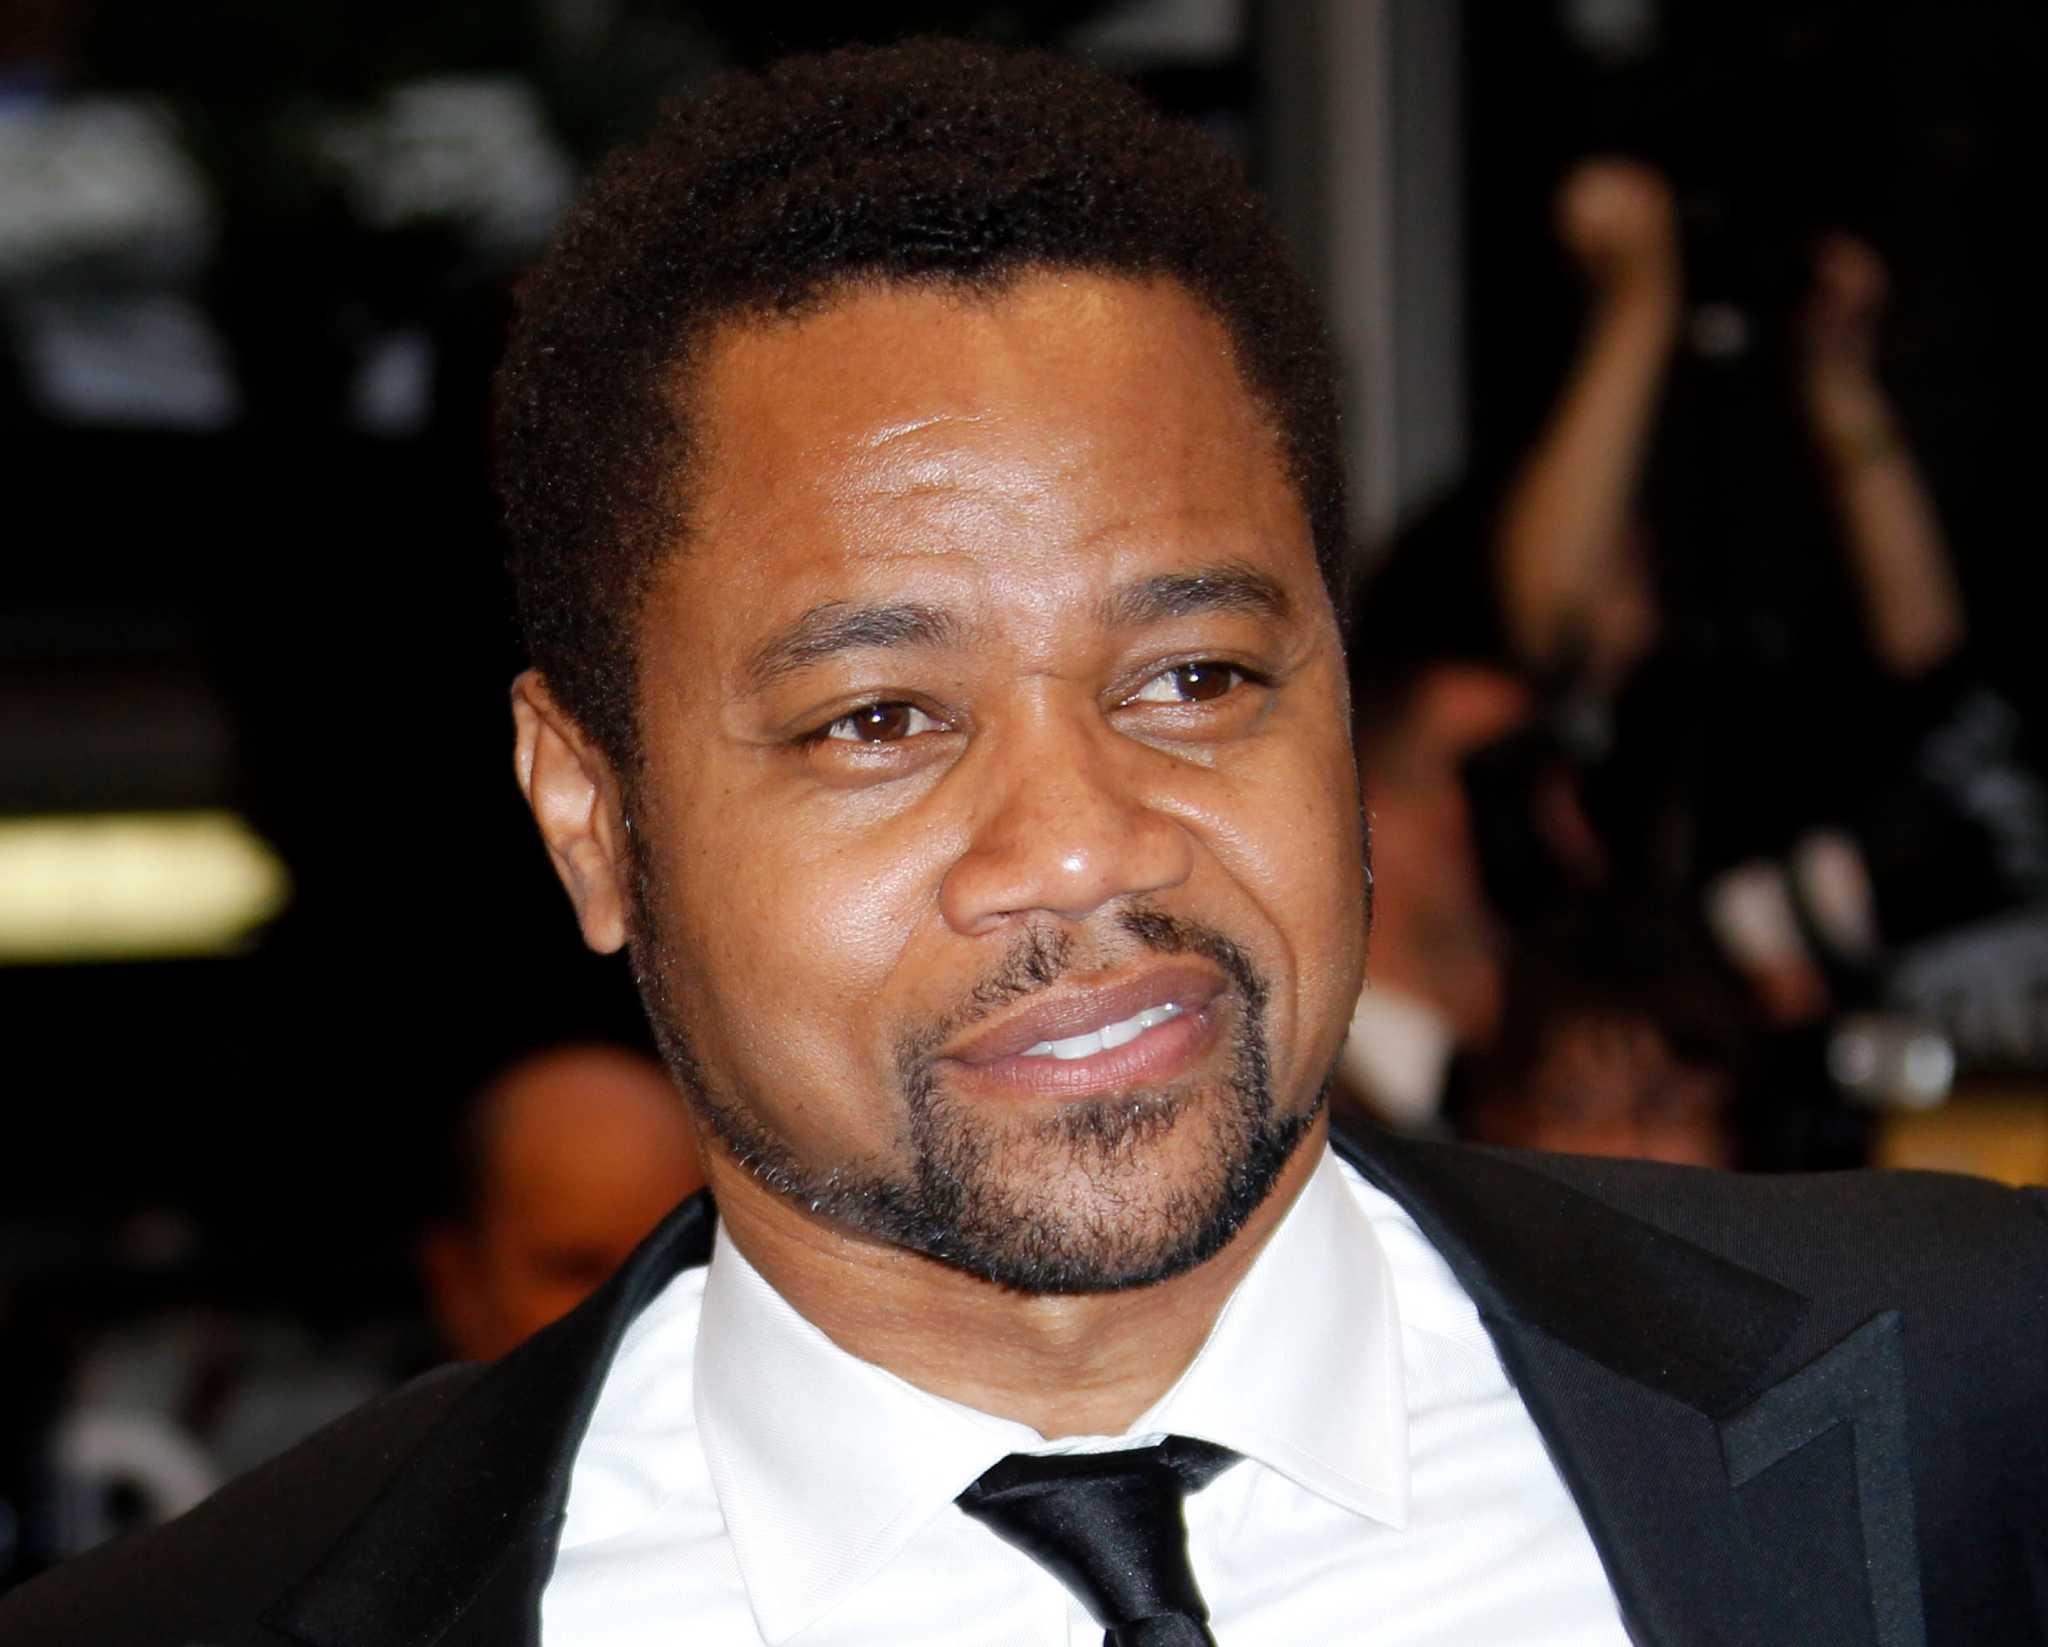 актеры афроамериканцы голливуда фото смотреть свадебной бутылки